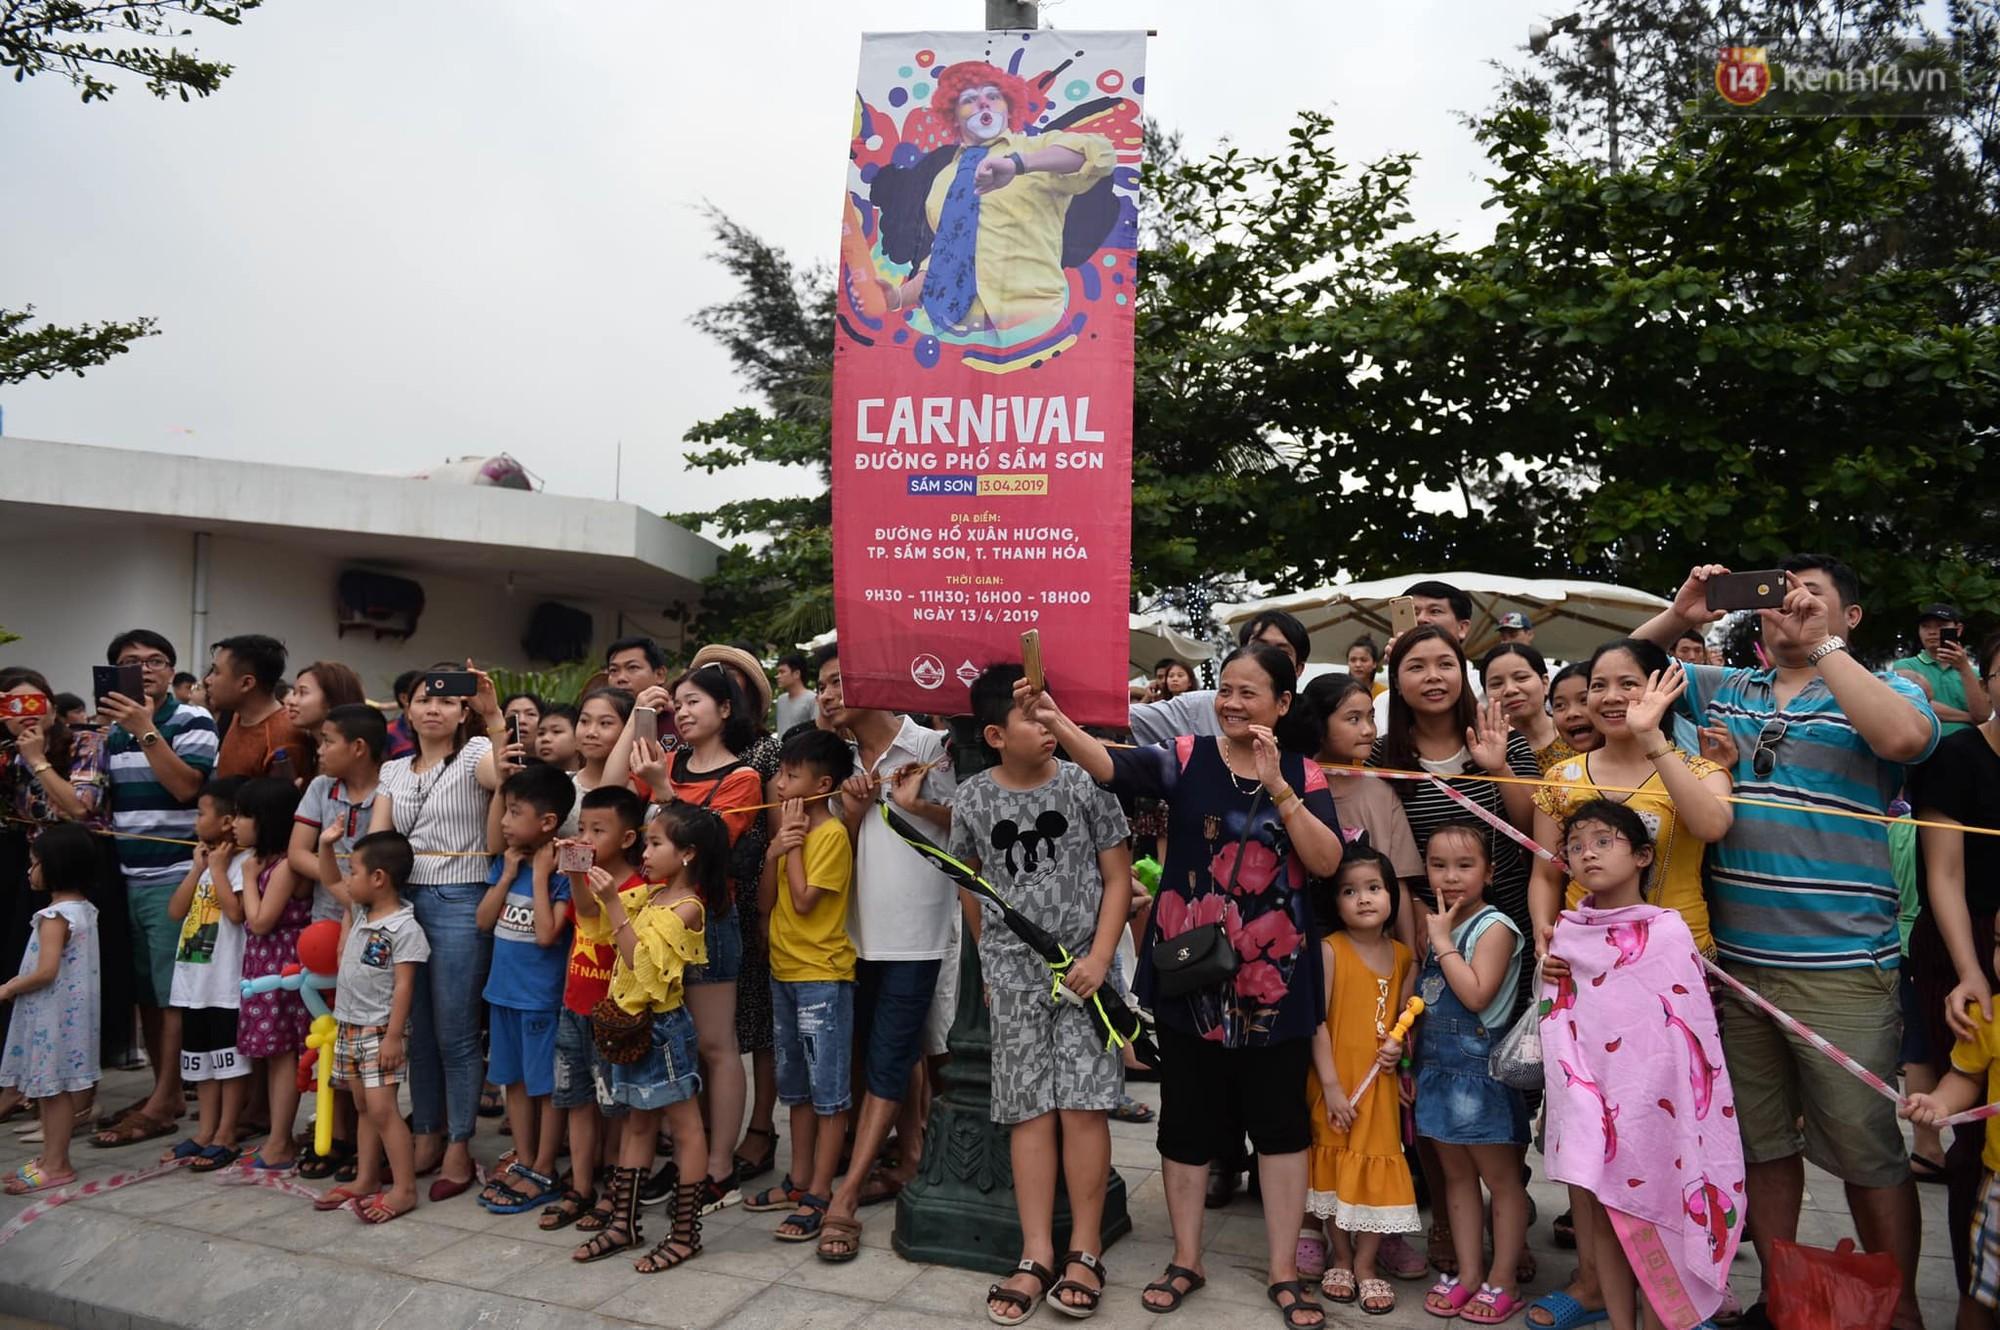 Màn Canaval sinh động và giao lưu với khán giả ấn tượng tại lễ hội du lịch biển Sầm Sơn - Ảnh 9.